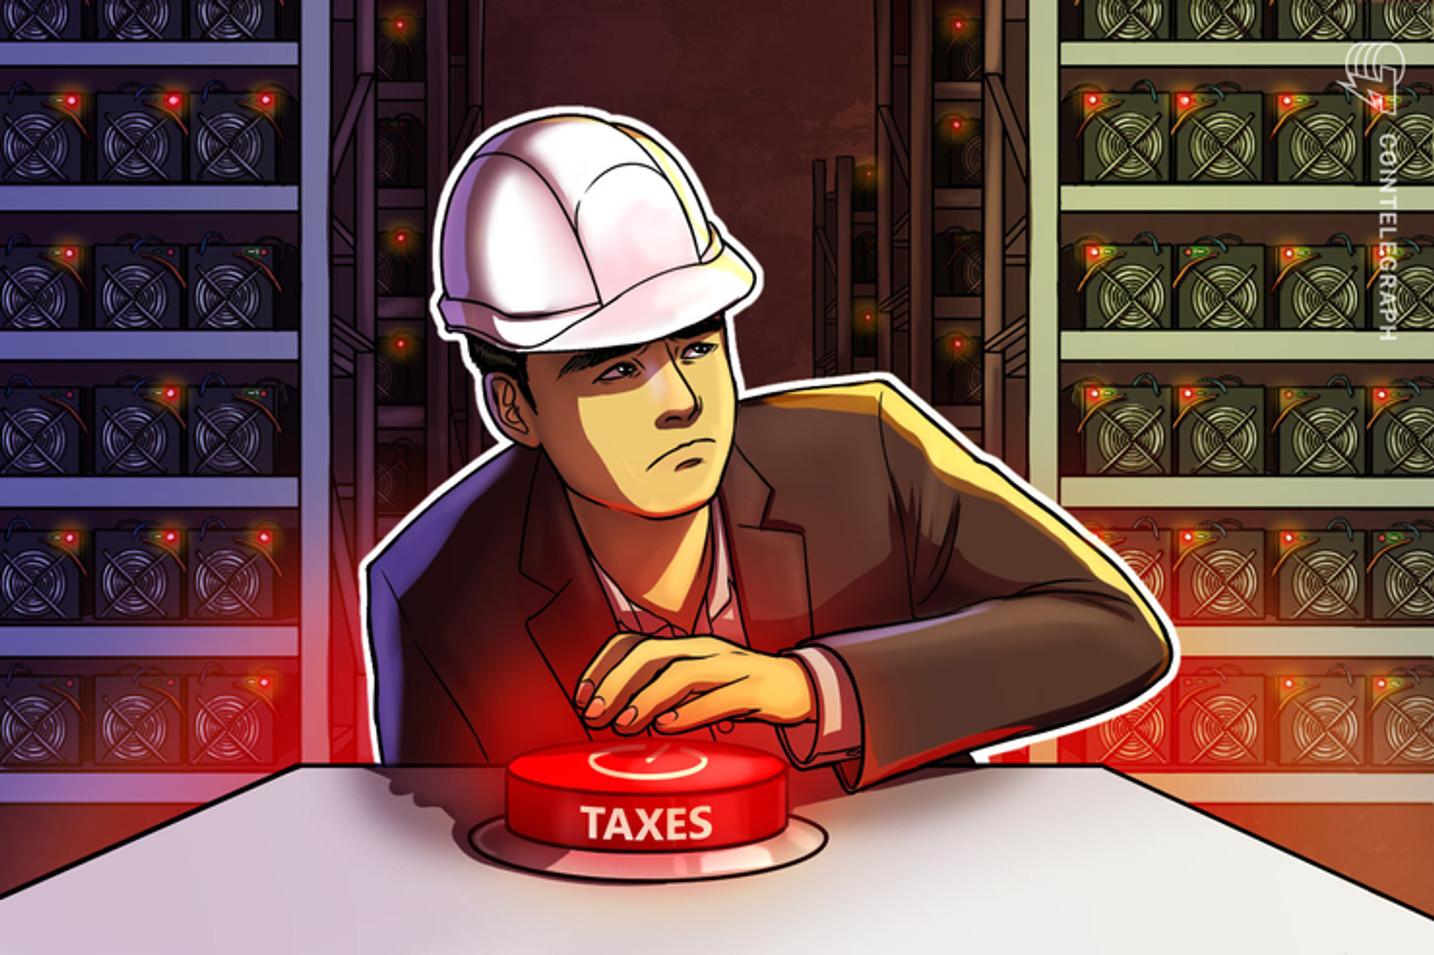 Los mineros de Bitcoin ya estudian apagar máquinas si el precio de BTC cae por debajo de los 7.500 dólares